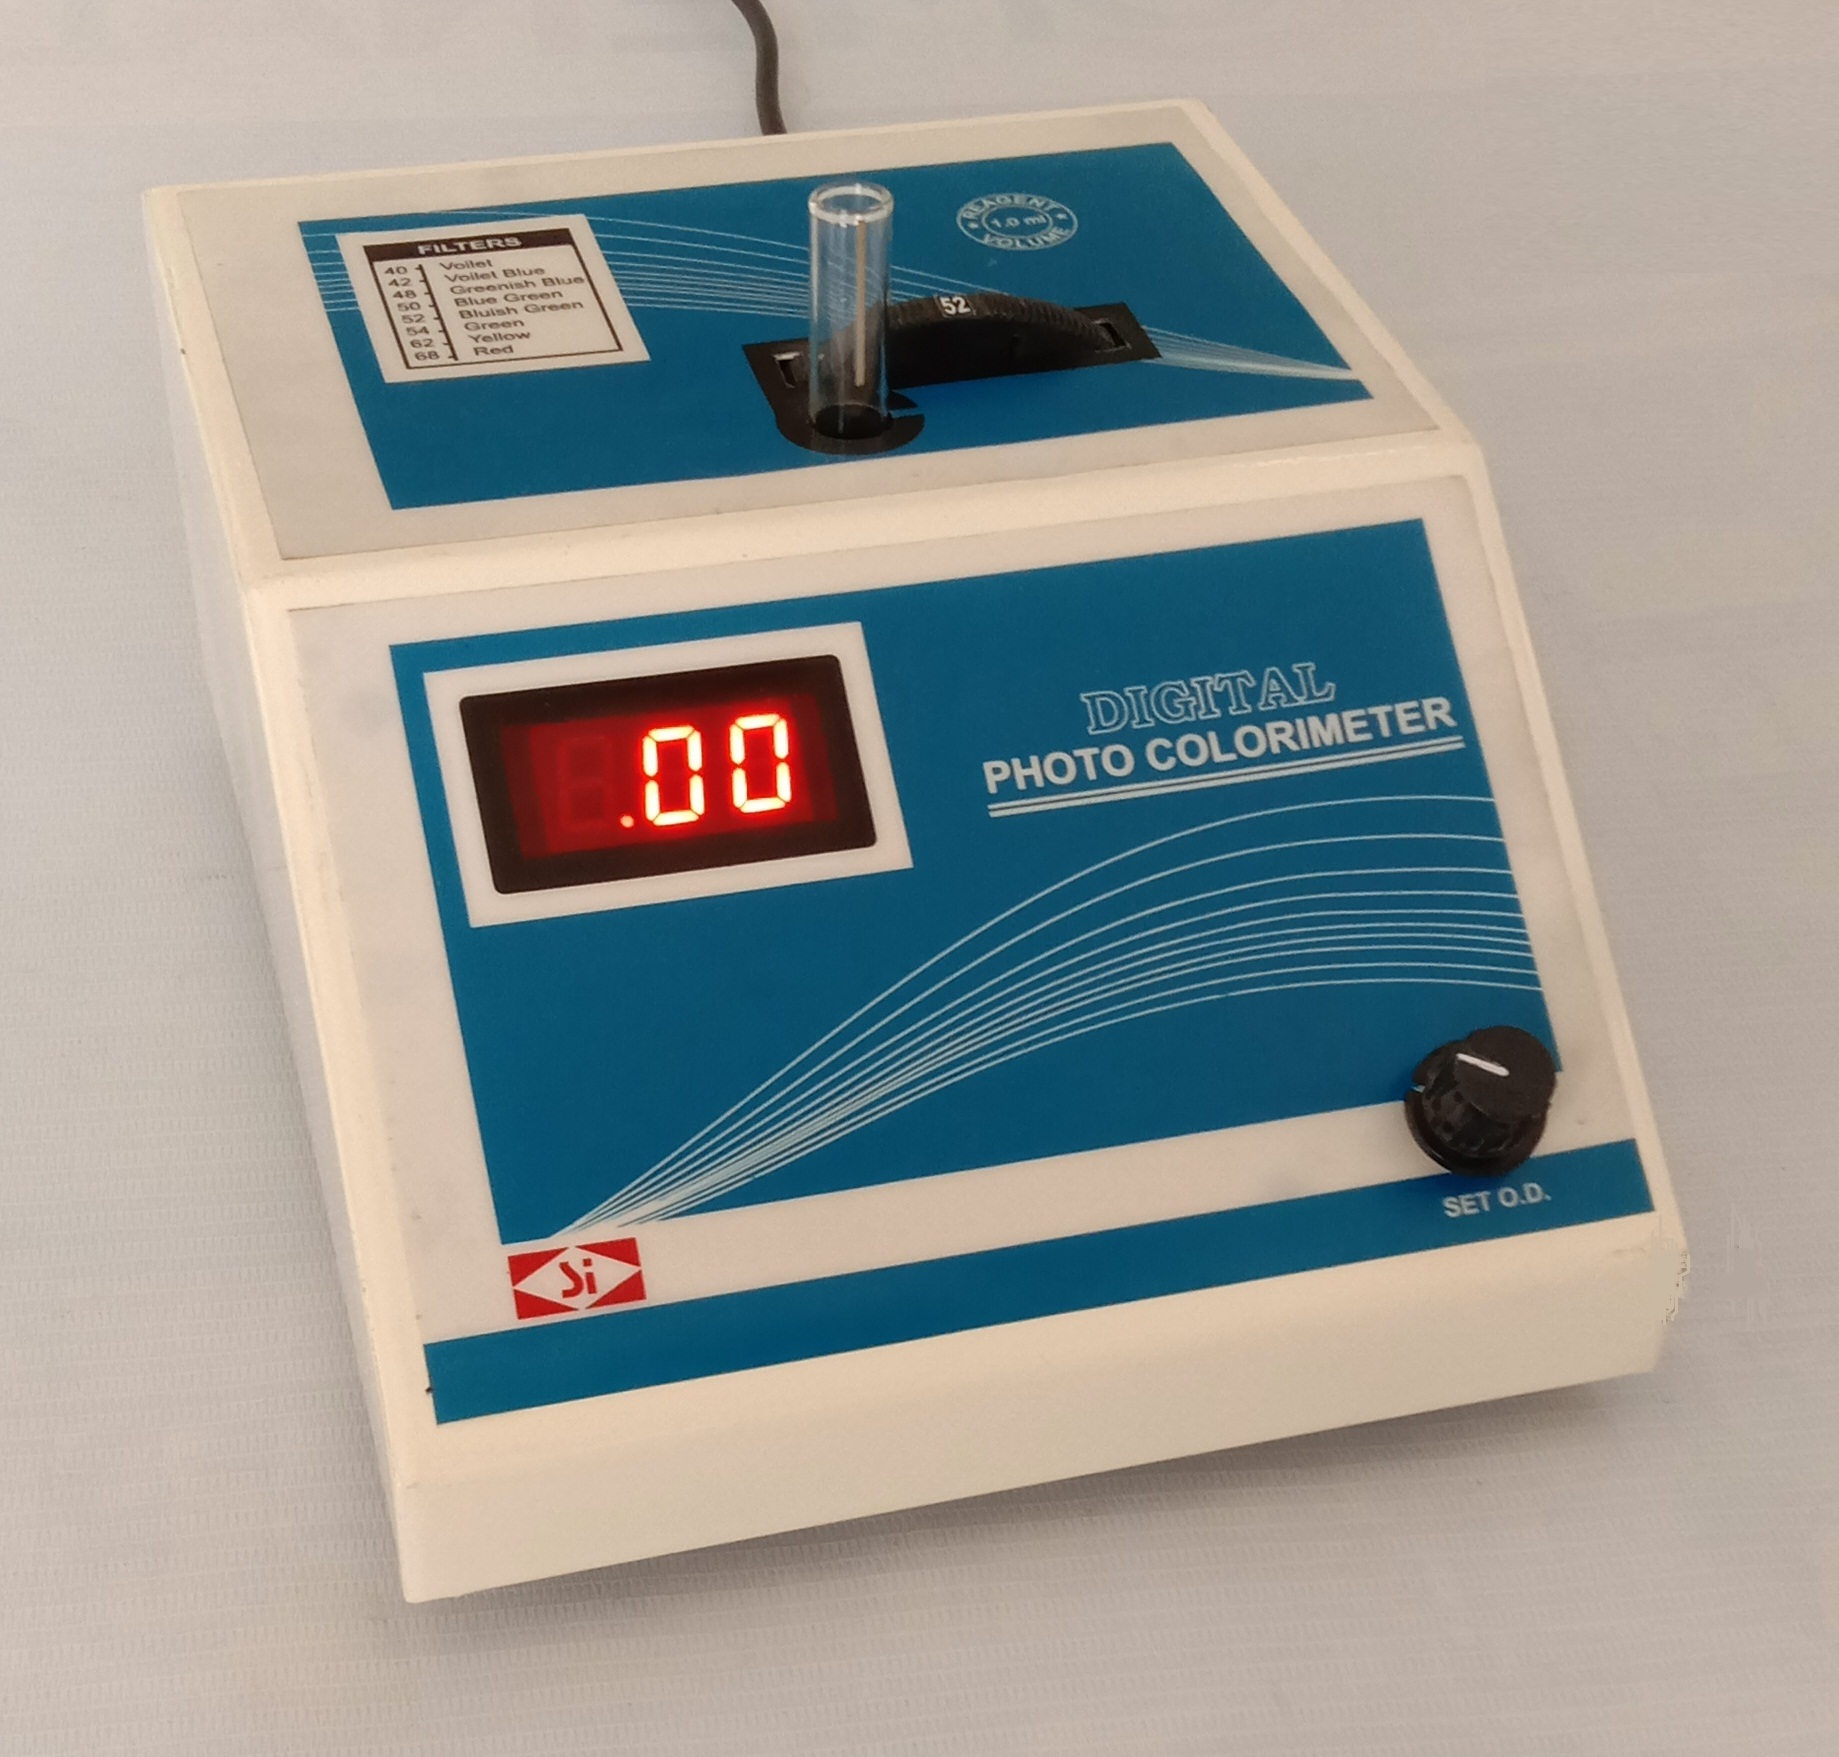 Microprocessor Colorimeter